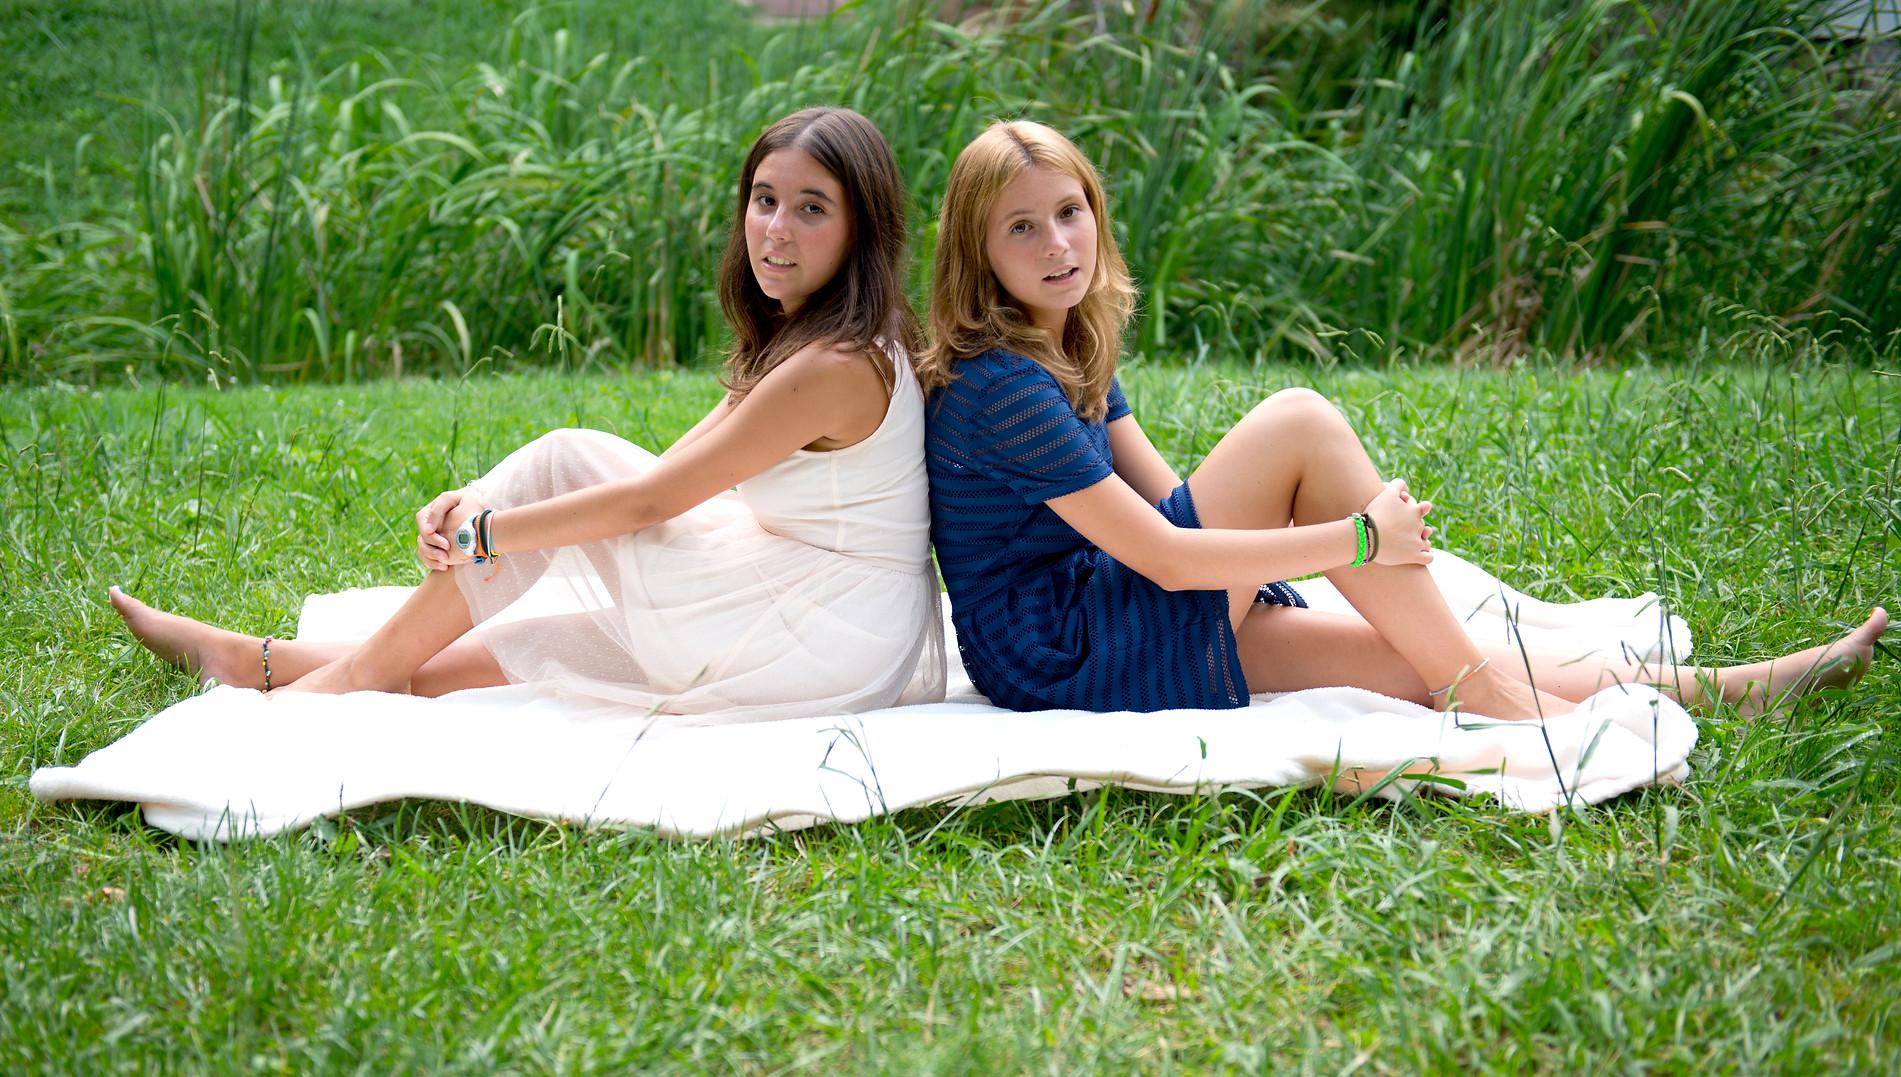 Fotografía de dos niñas sentadas en la hierba